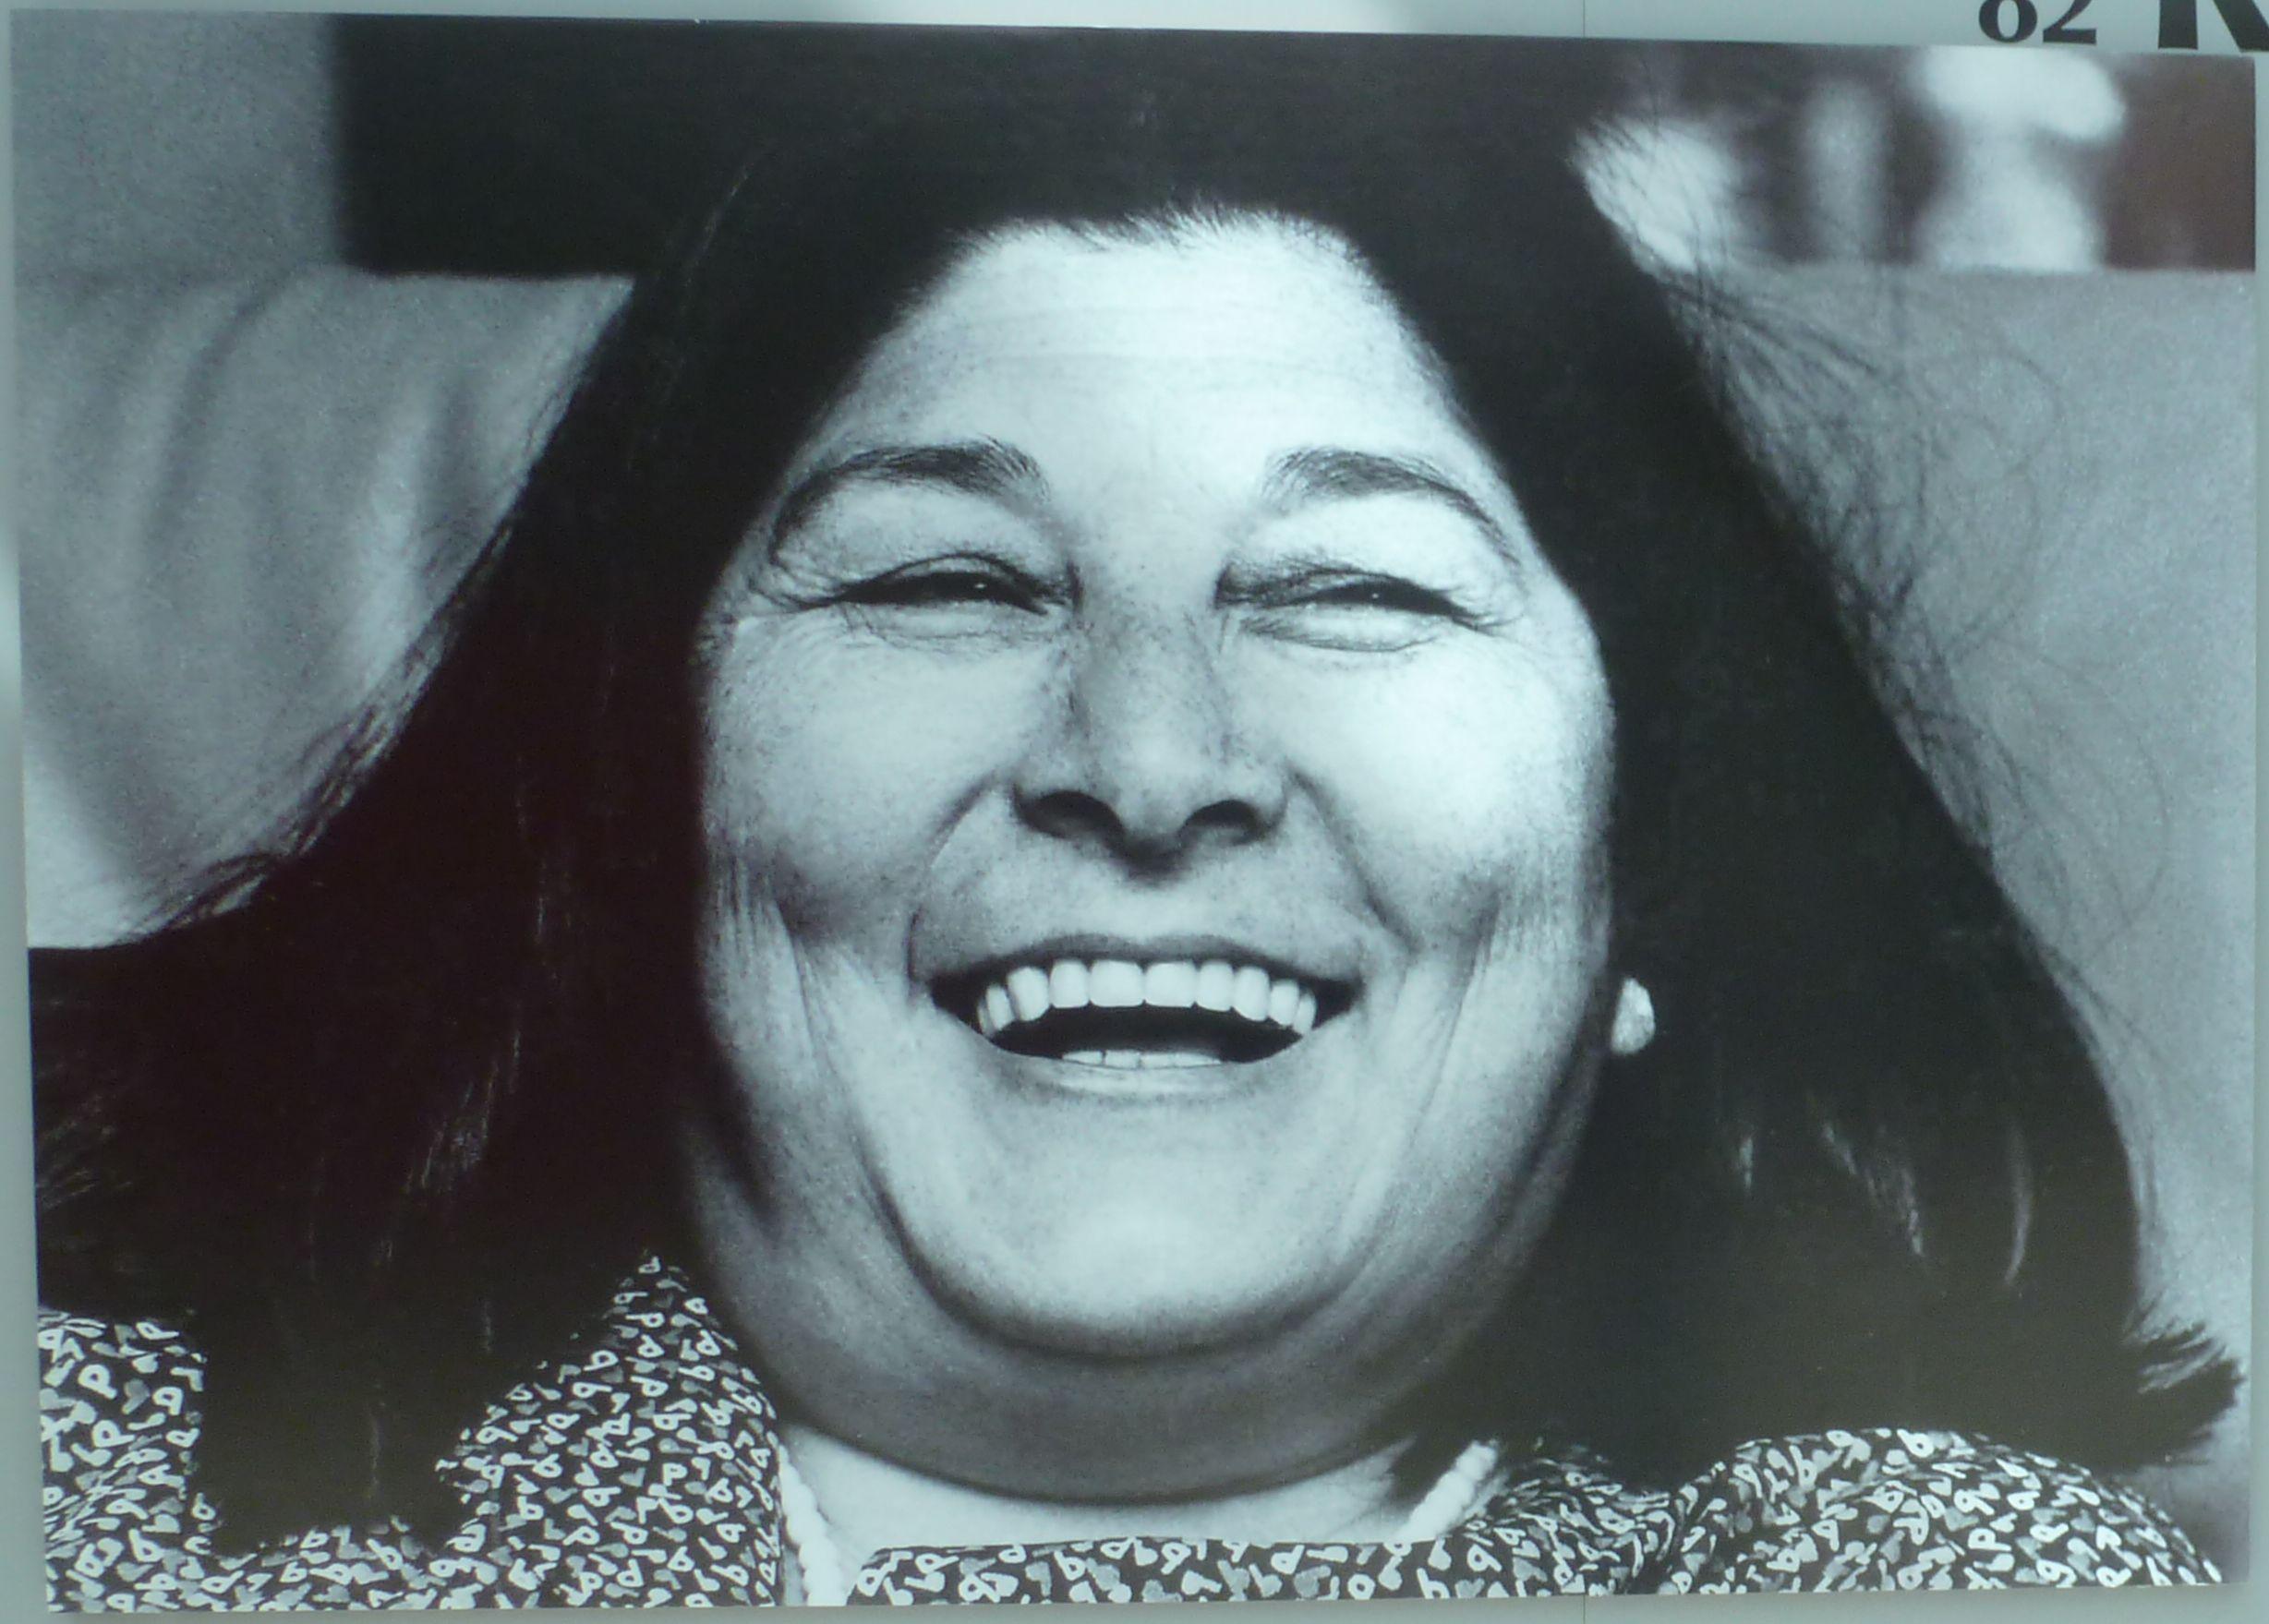 Mercedes Sosa nunca perdía la sonrisa ni las ganas de cantar. Crédito: Sergio 252